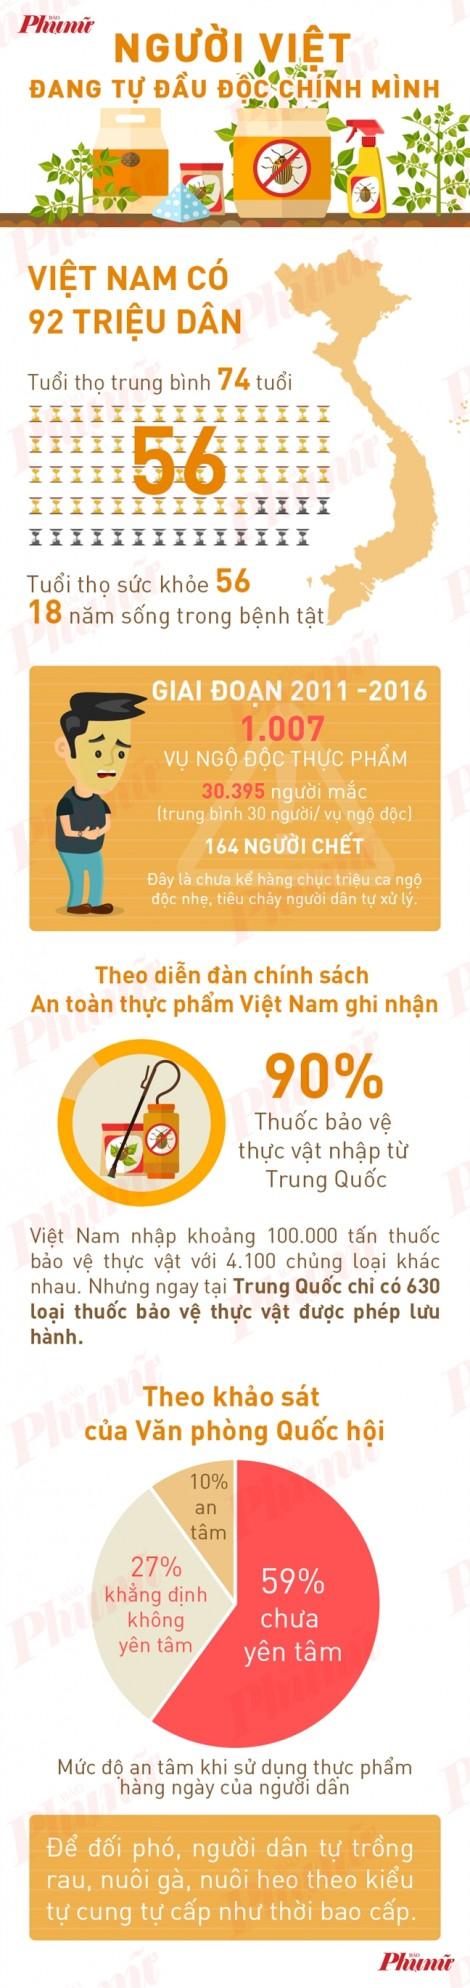 Tuổi thọ trung bình 74 nhưng người Việt sống cùng bệnh tật hết... 18 năm